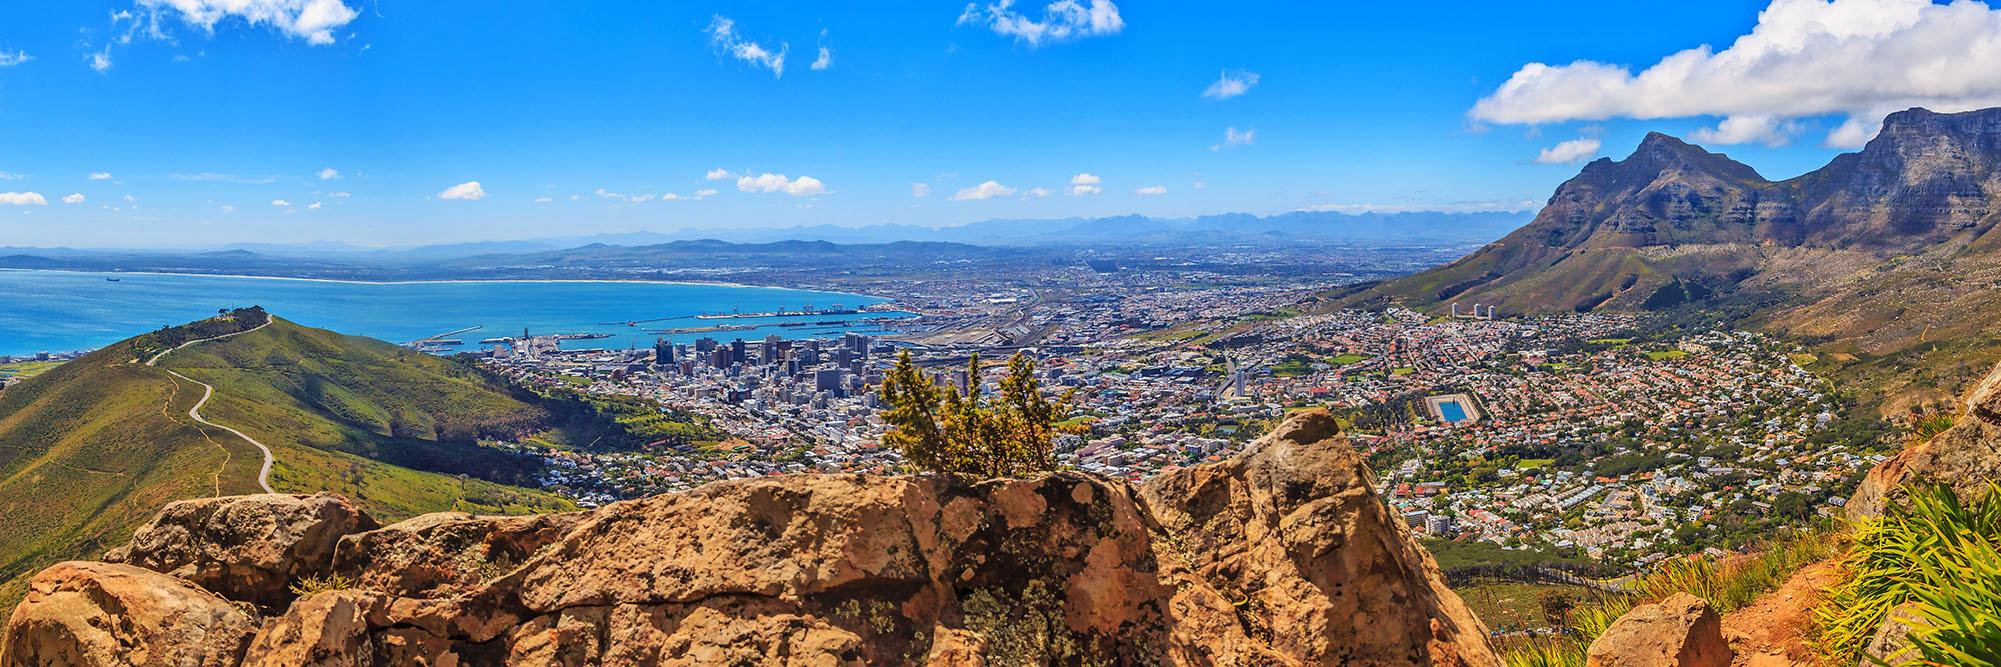 Panoramaaufnahme von Kapstadt und Tafelberg sowie Signal Hillaufgenommen vom Lions Head tagsüber bei blauem Himmel mit einigen weißen Wolken fotografiert in Südfrika im September 2013